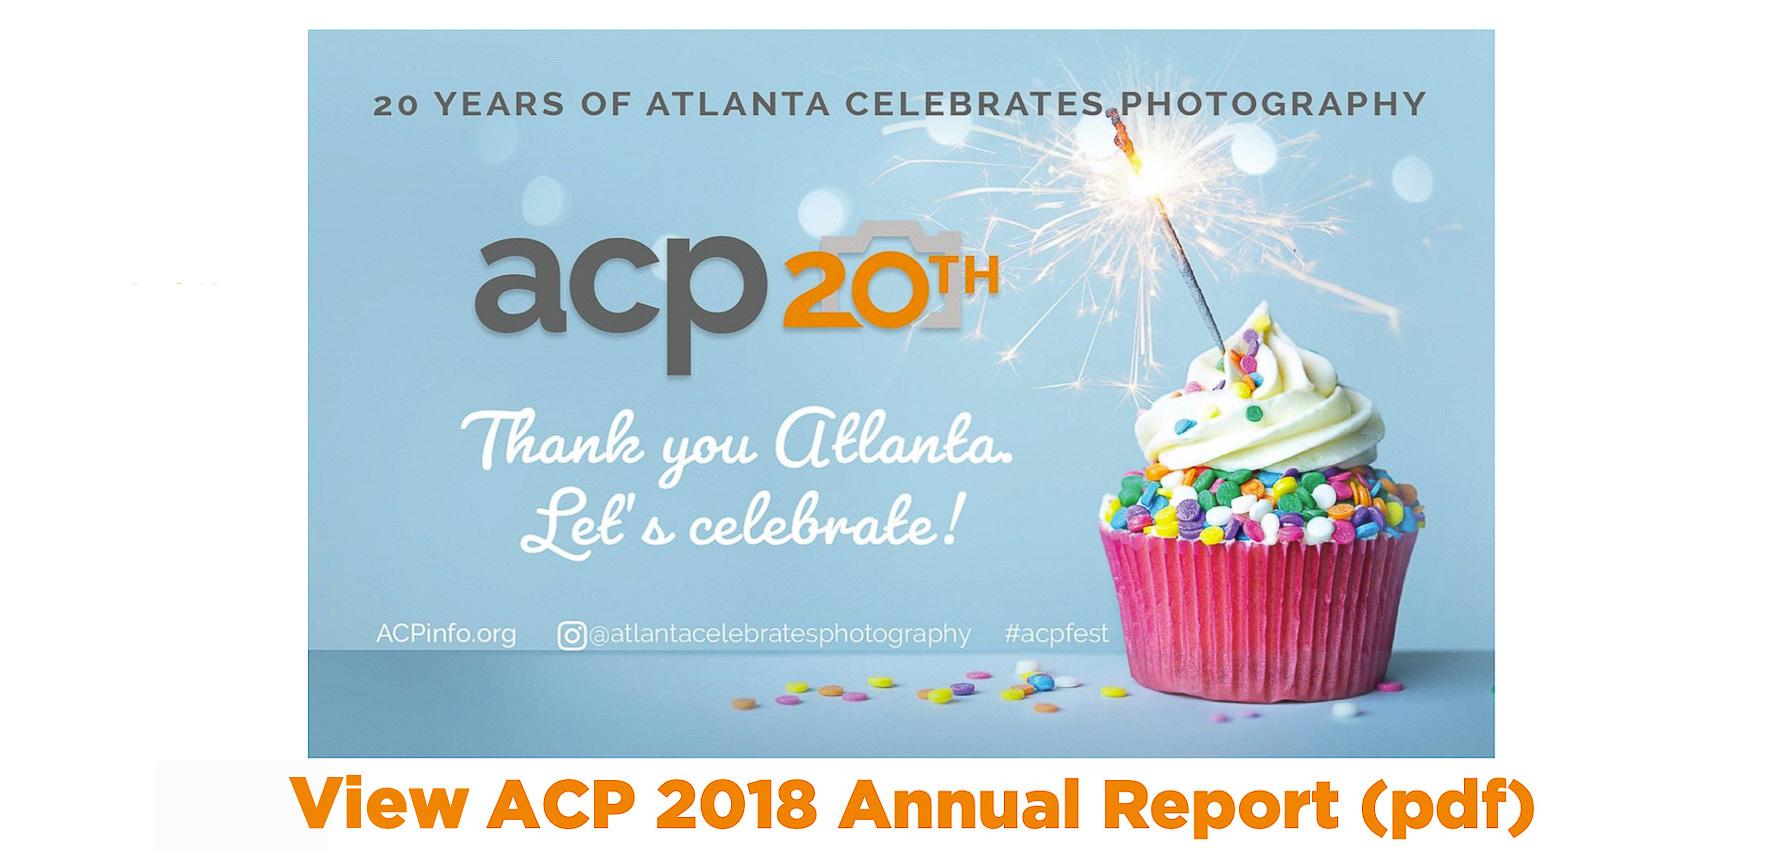 ACP 2018 Annual Report